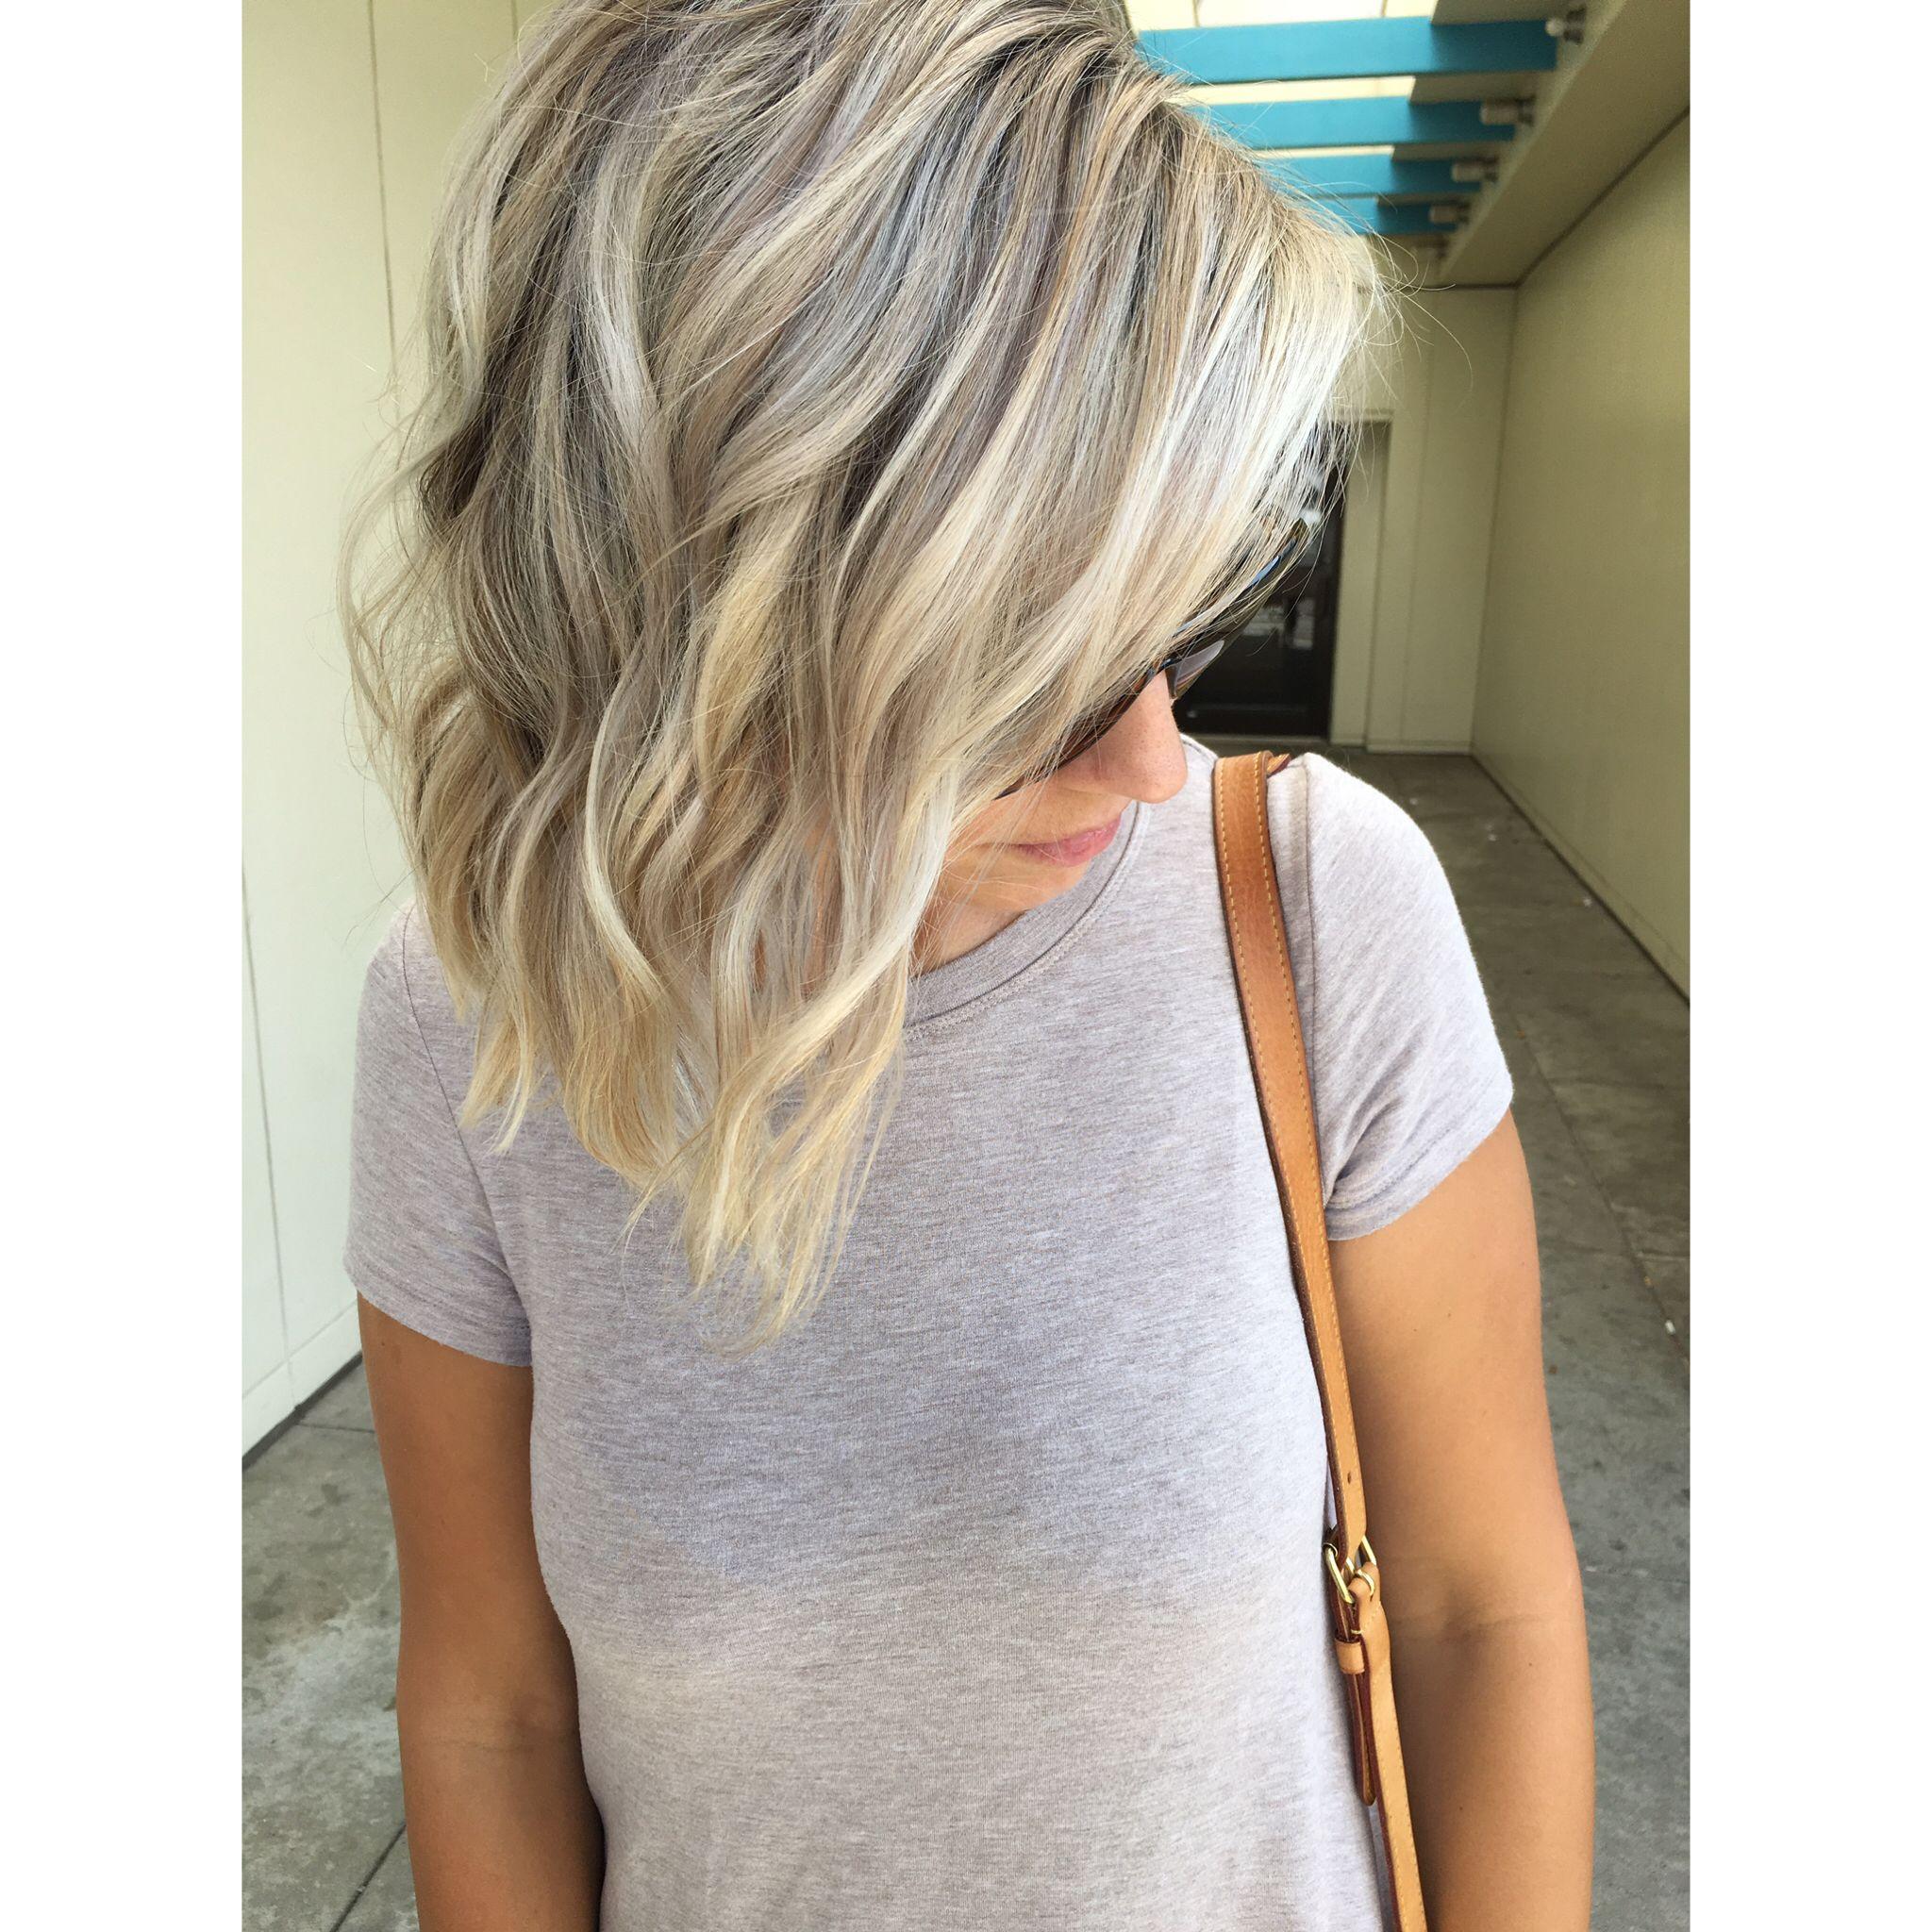 Blonde highlights ideas pinterest - Cool Blonde Partial Highlight